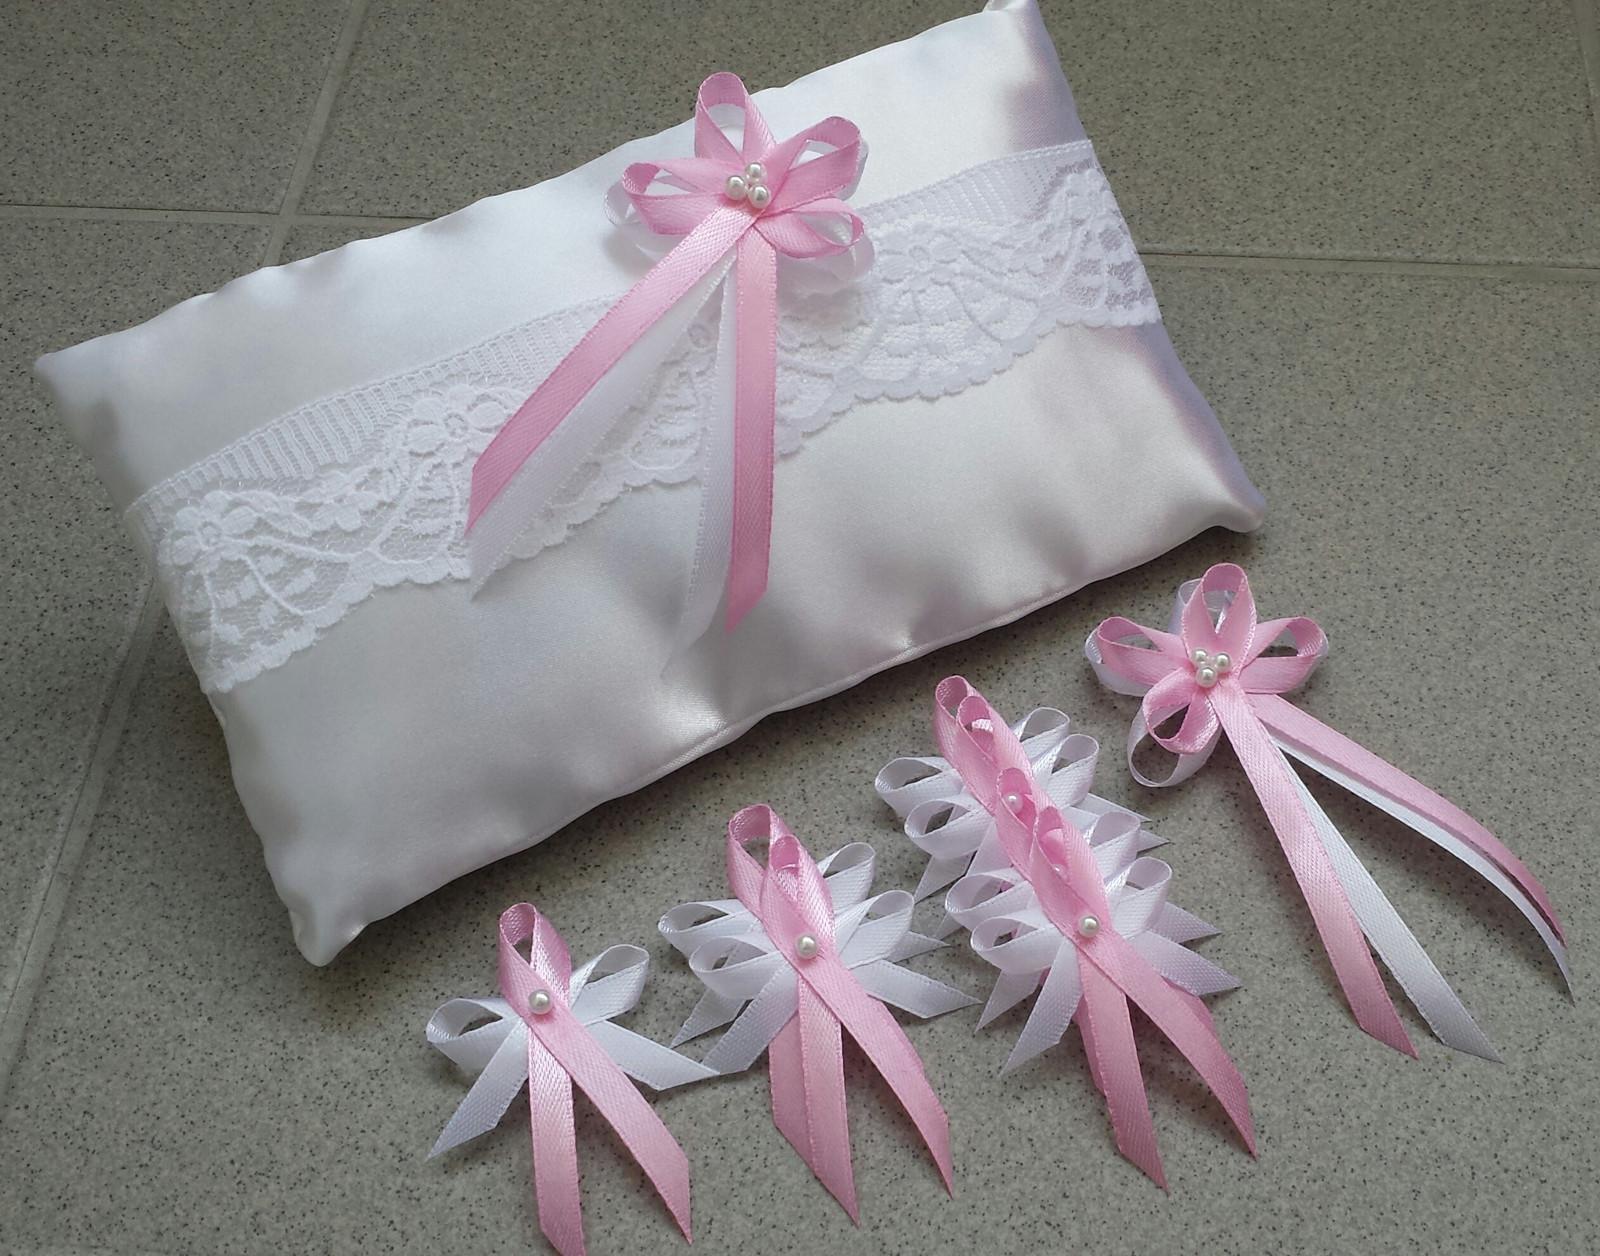 Růžové svatební vývazky - Obrázek č. 1